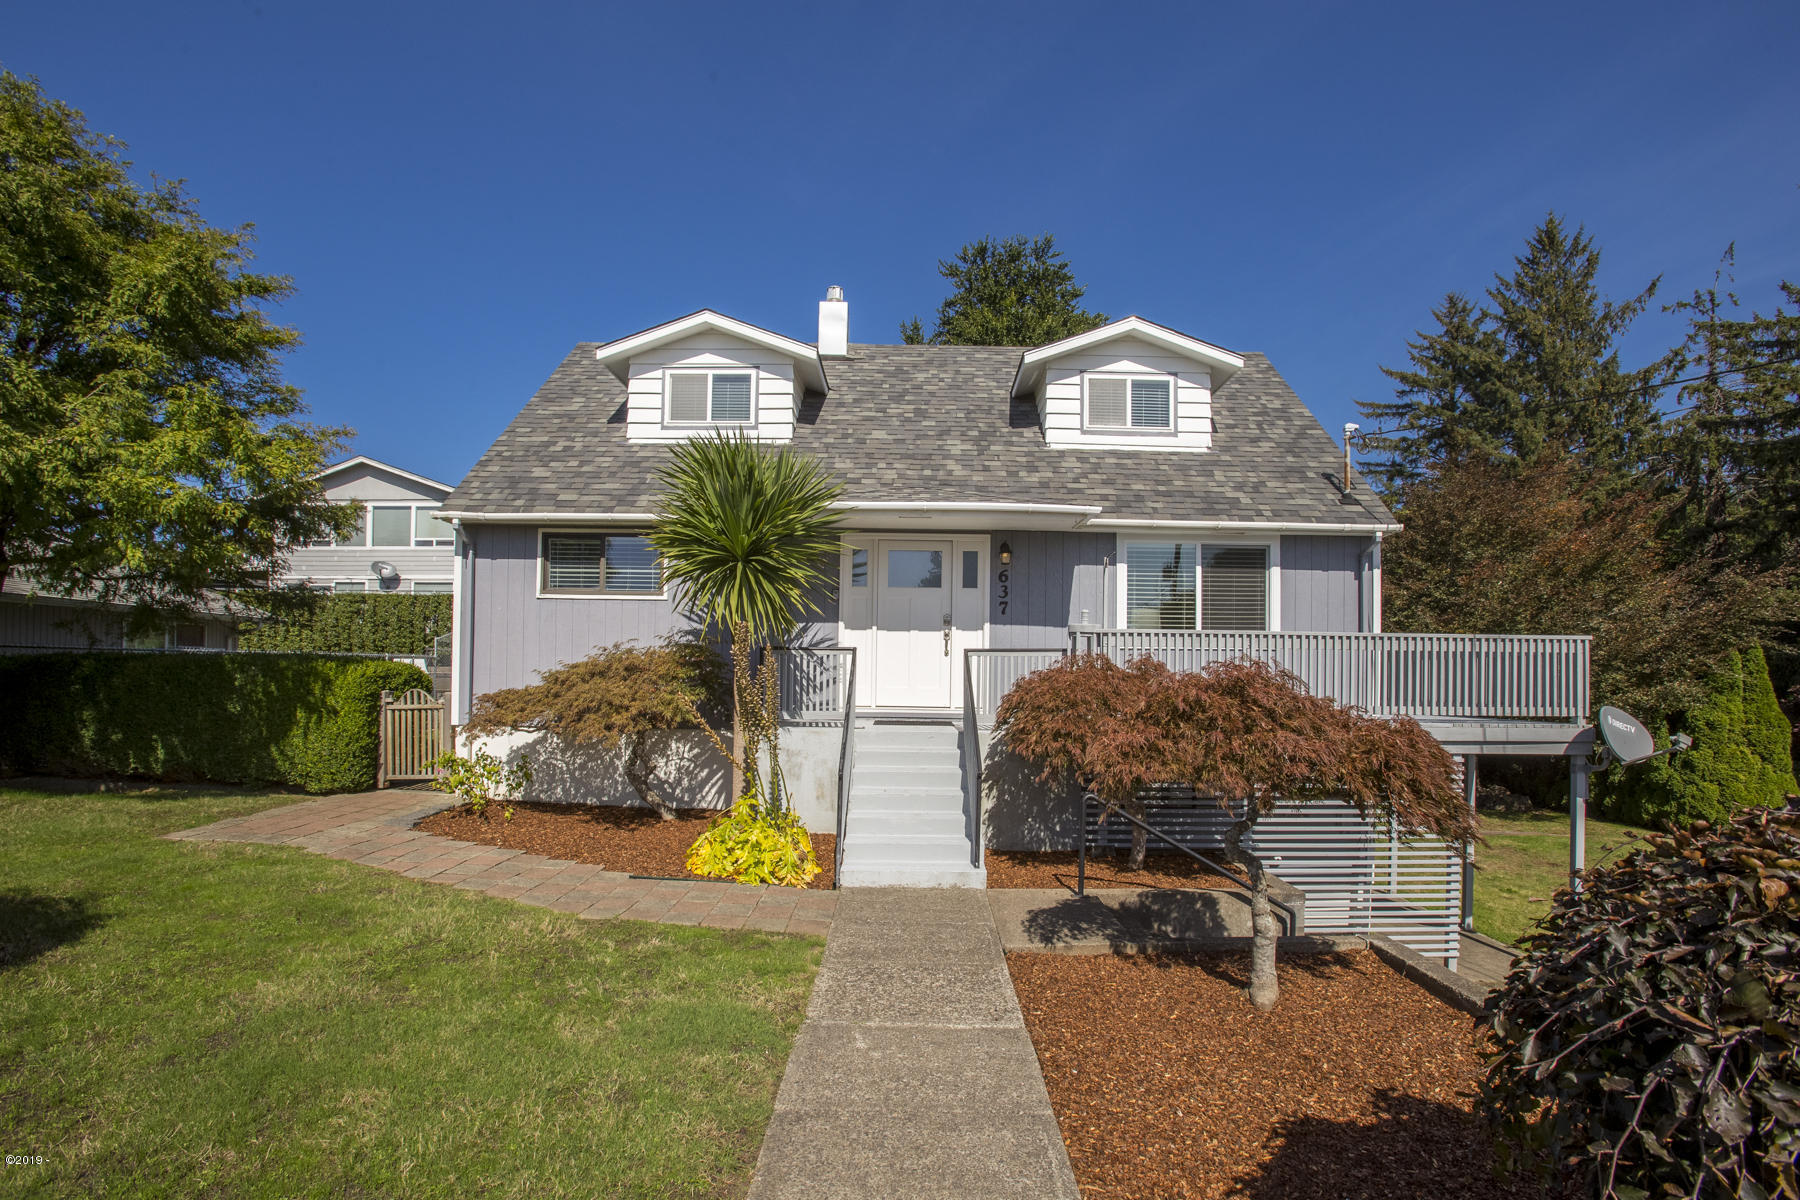 637 SE 2nd St, Newport, OR 97365 - 637 SE 2nd Street